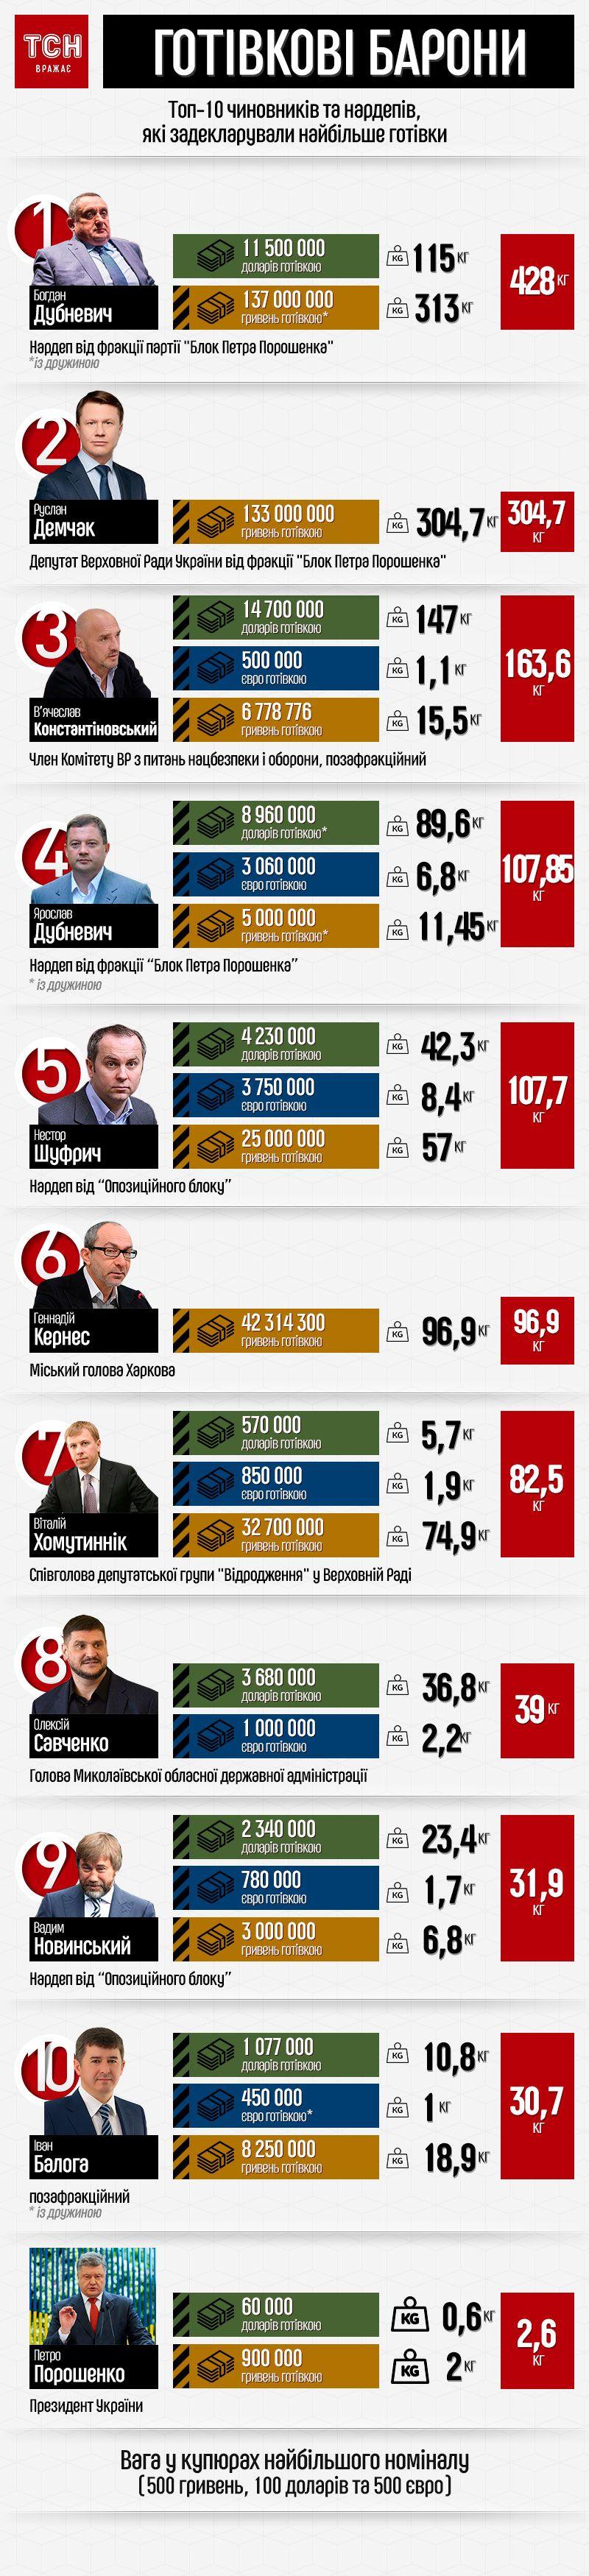 Задекларовані гроші політиків та чиновників у кілограмах інфографіка